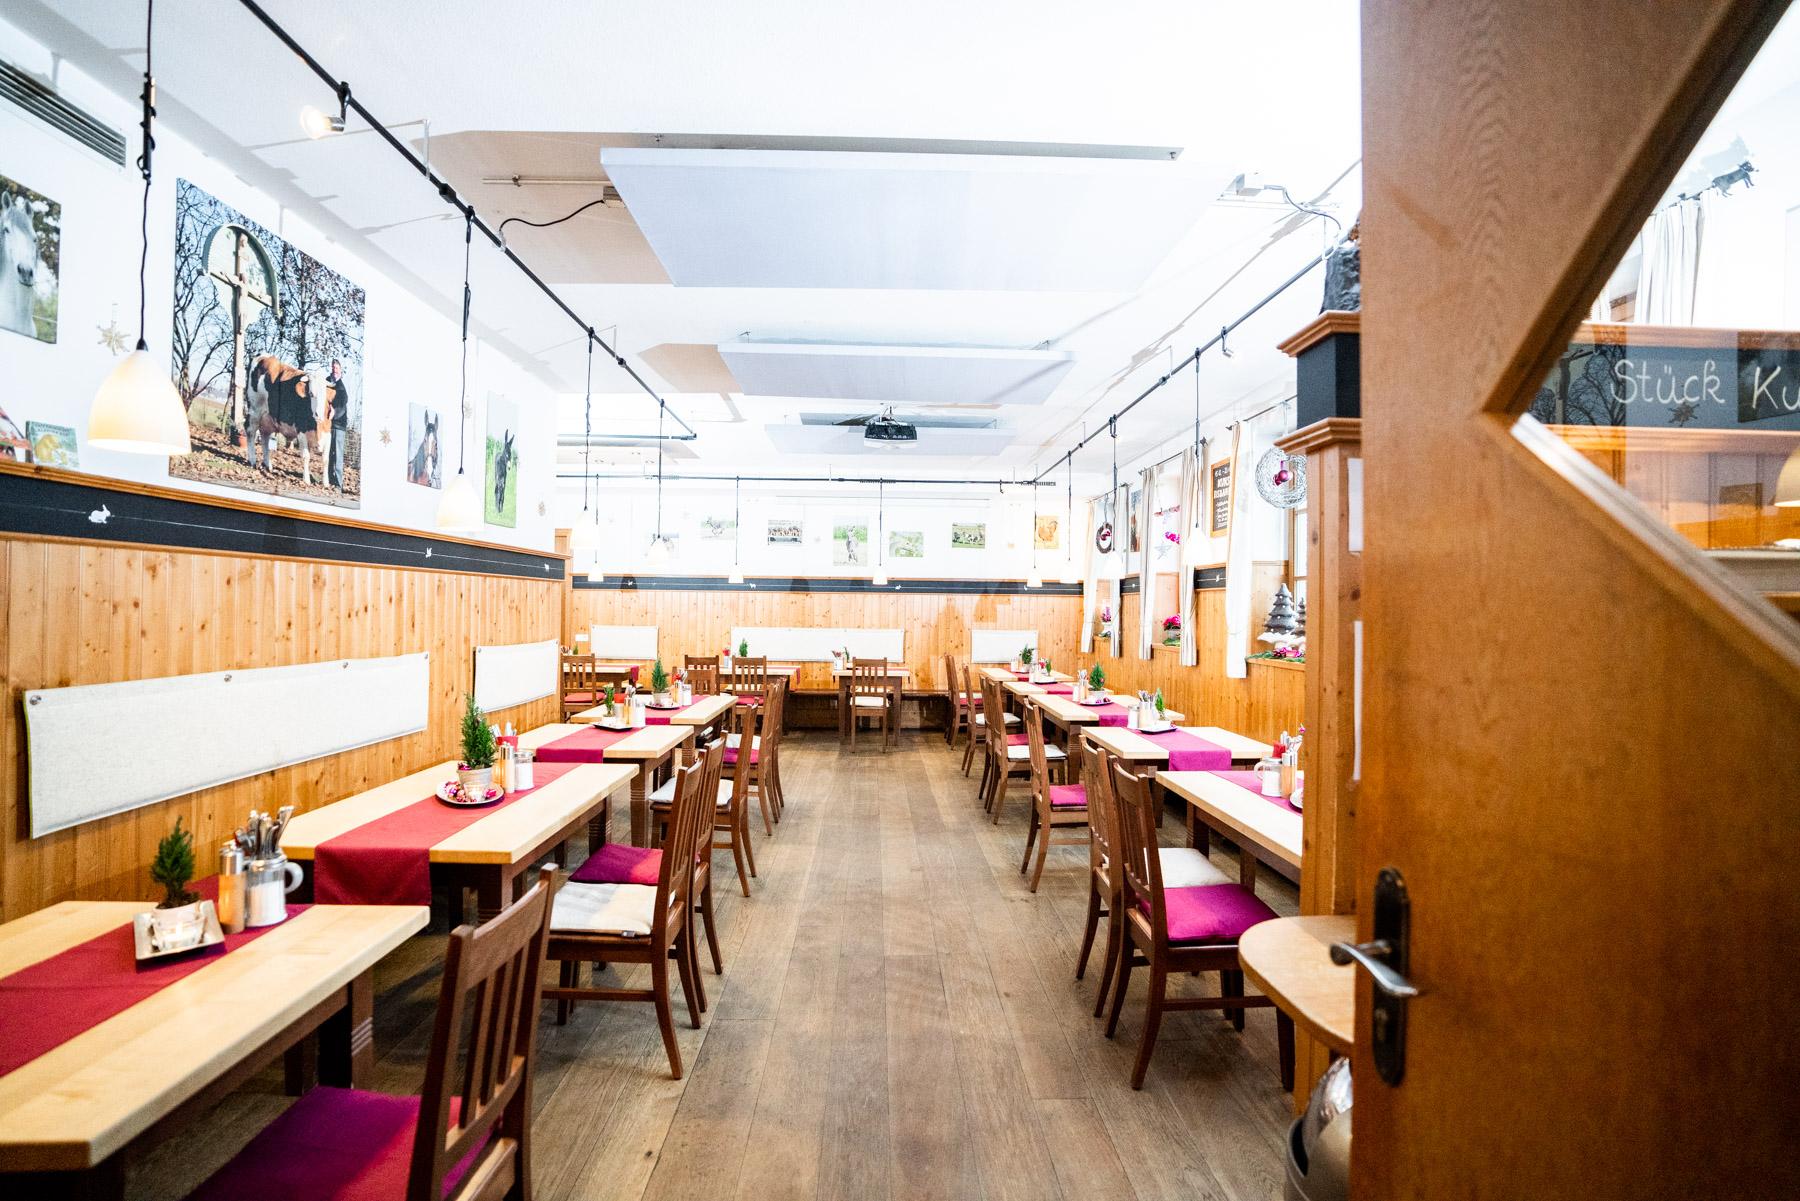 reitsberger-hof-vaterstetten-restaurant-12122018-mokati-99